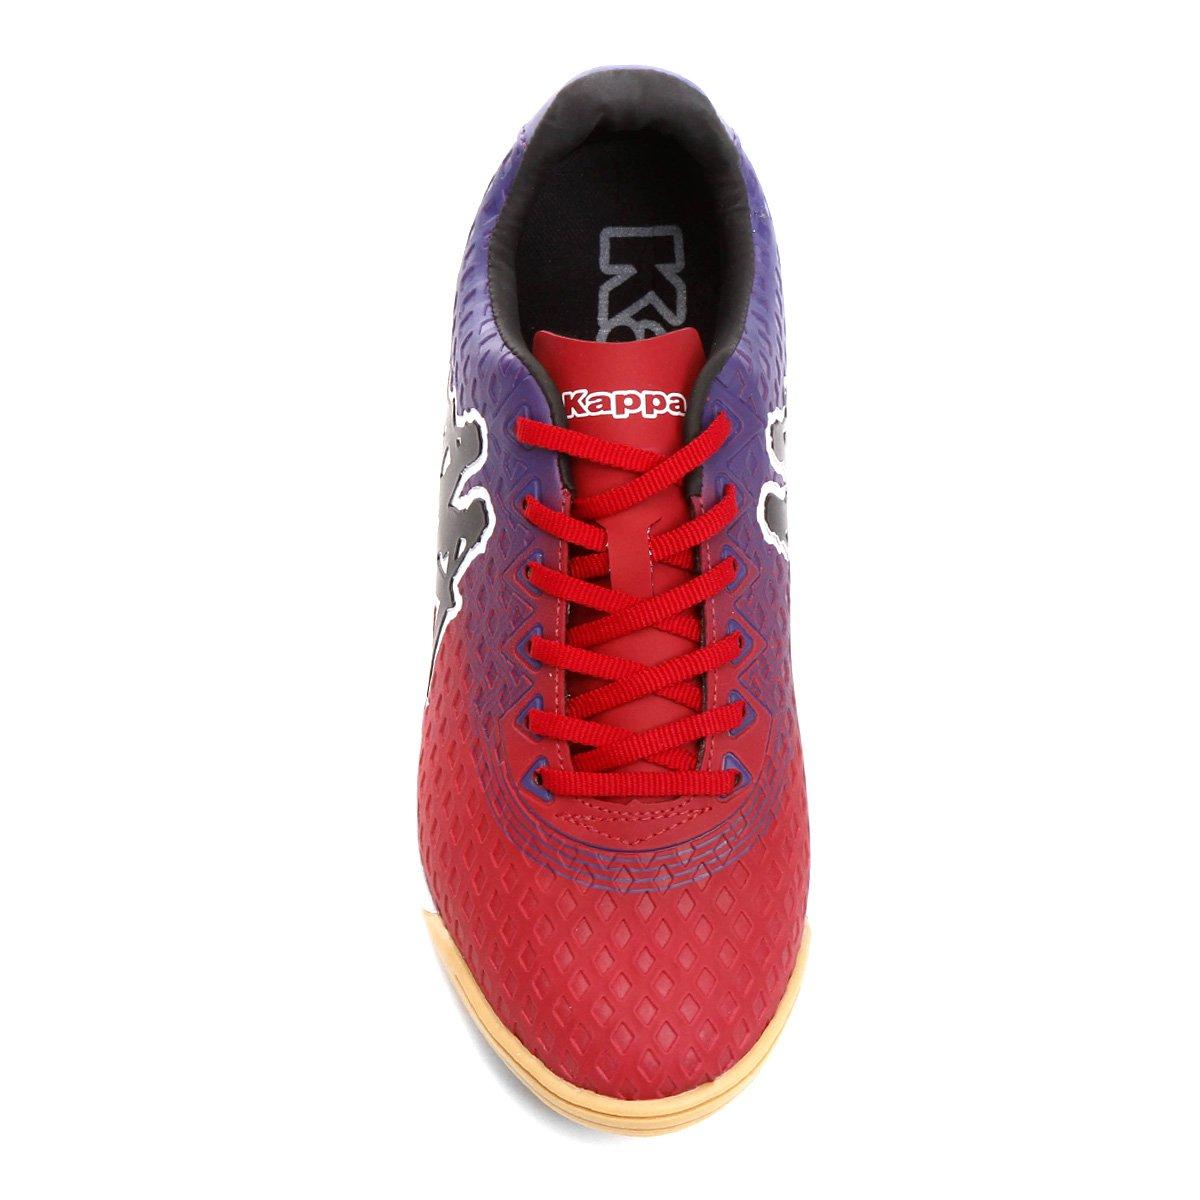 Chuteira Masculina Chuteira Futsal Vermelho Kappa Reno Futsal Roxo e rxXr1Pwn